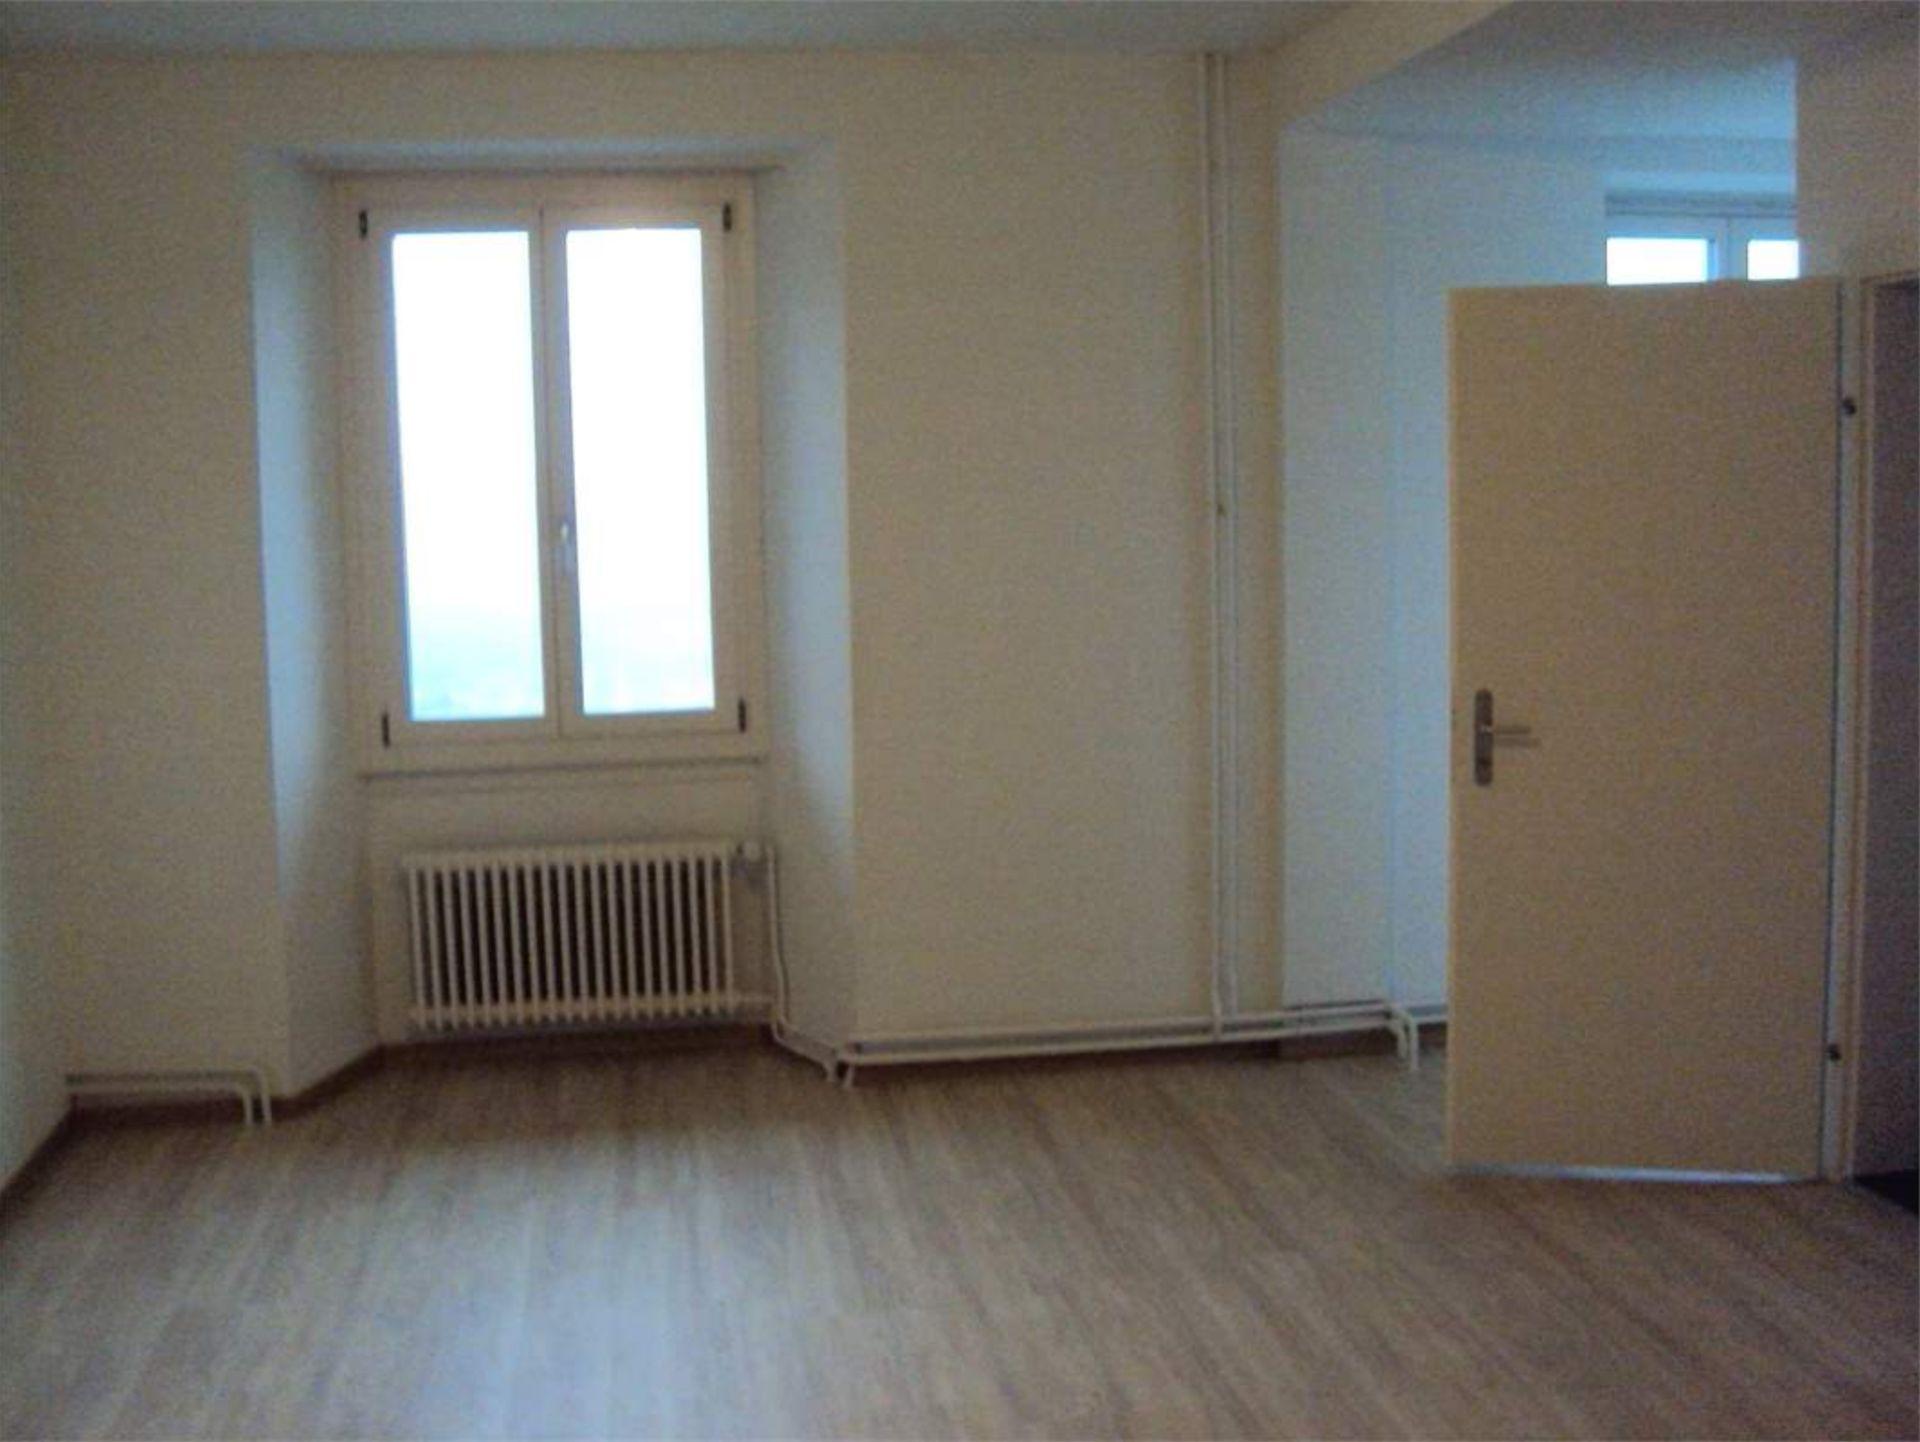 Miete: grosszügige Wohnung mit Balkon